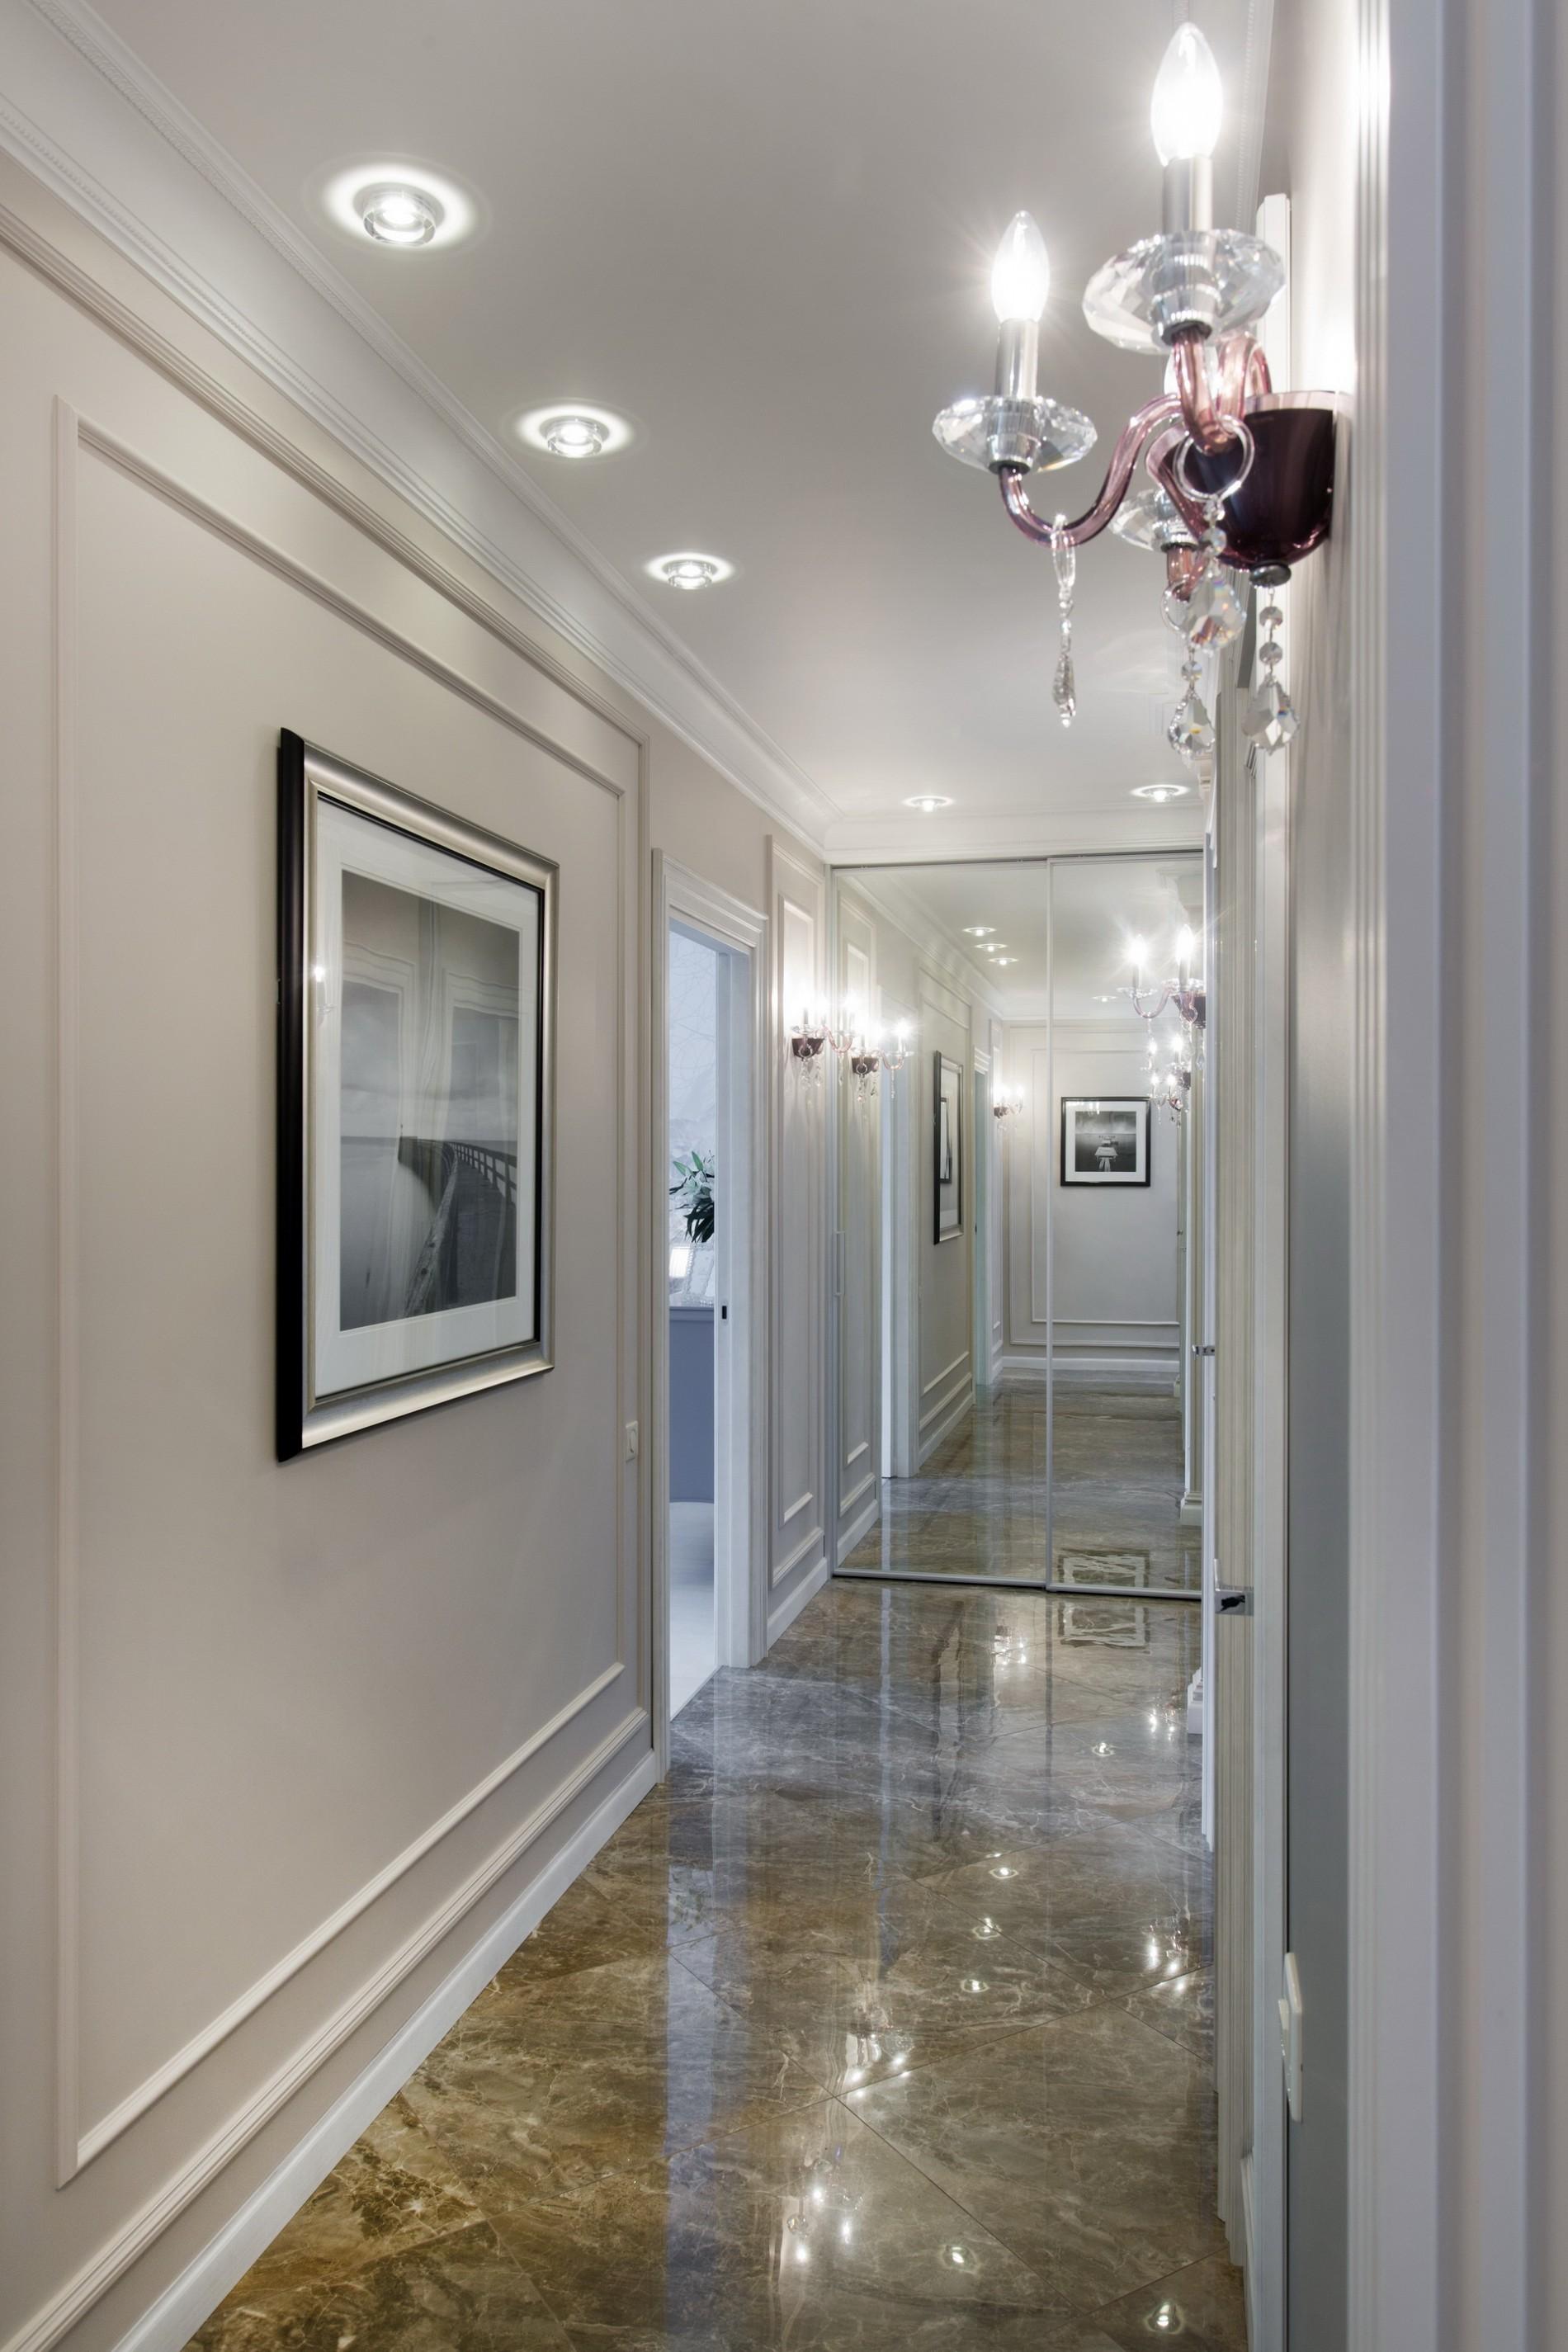 Оптическая иллюзия в интерьере квартиры 2016